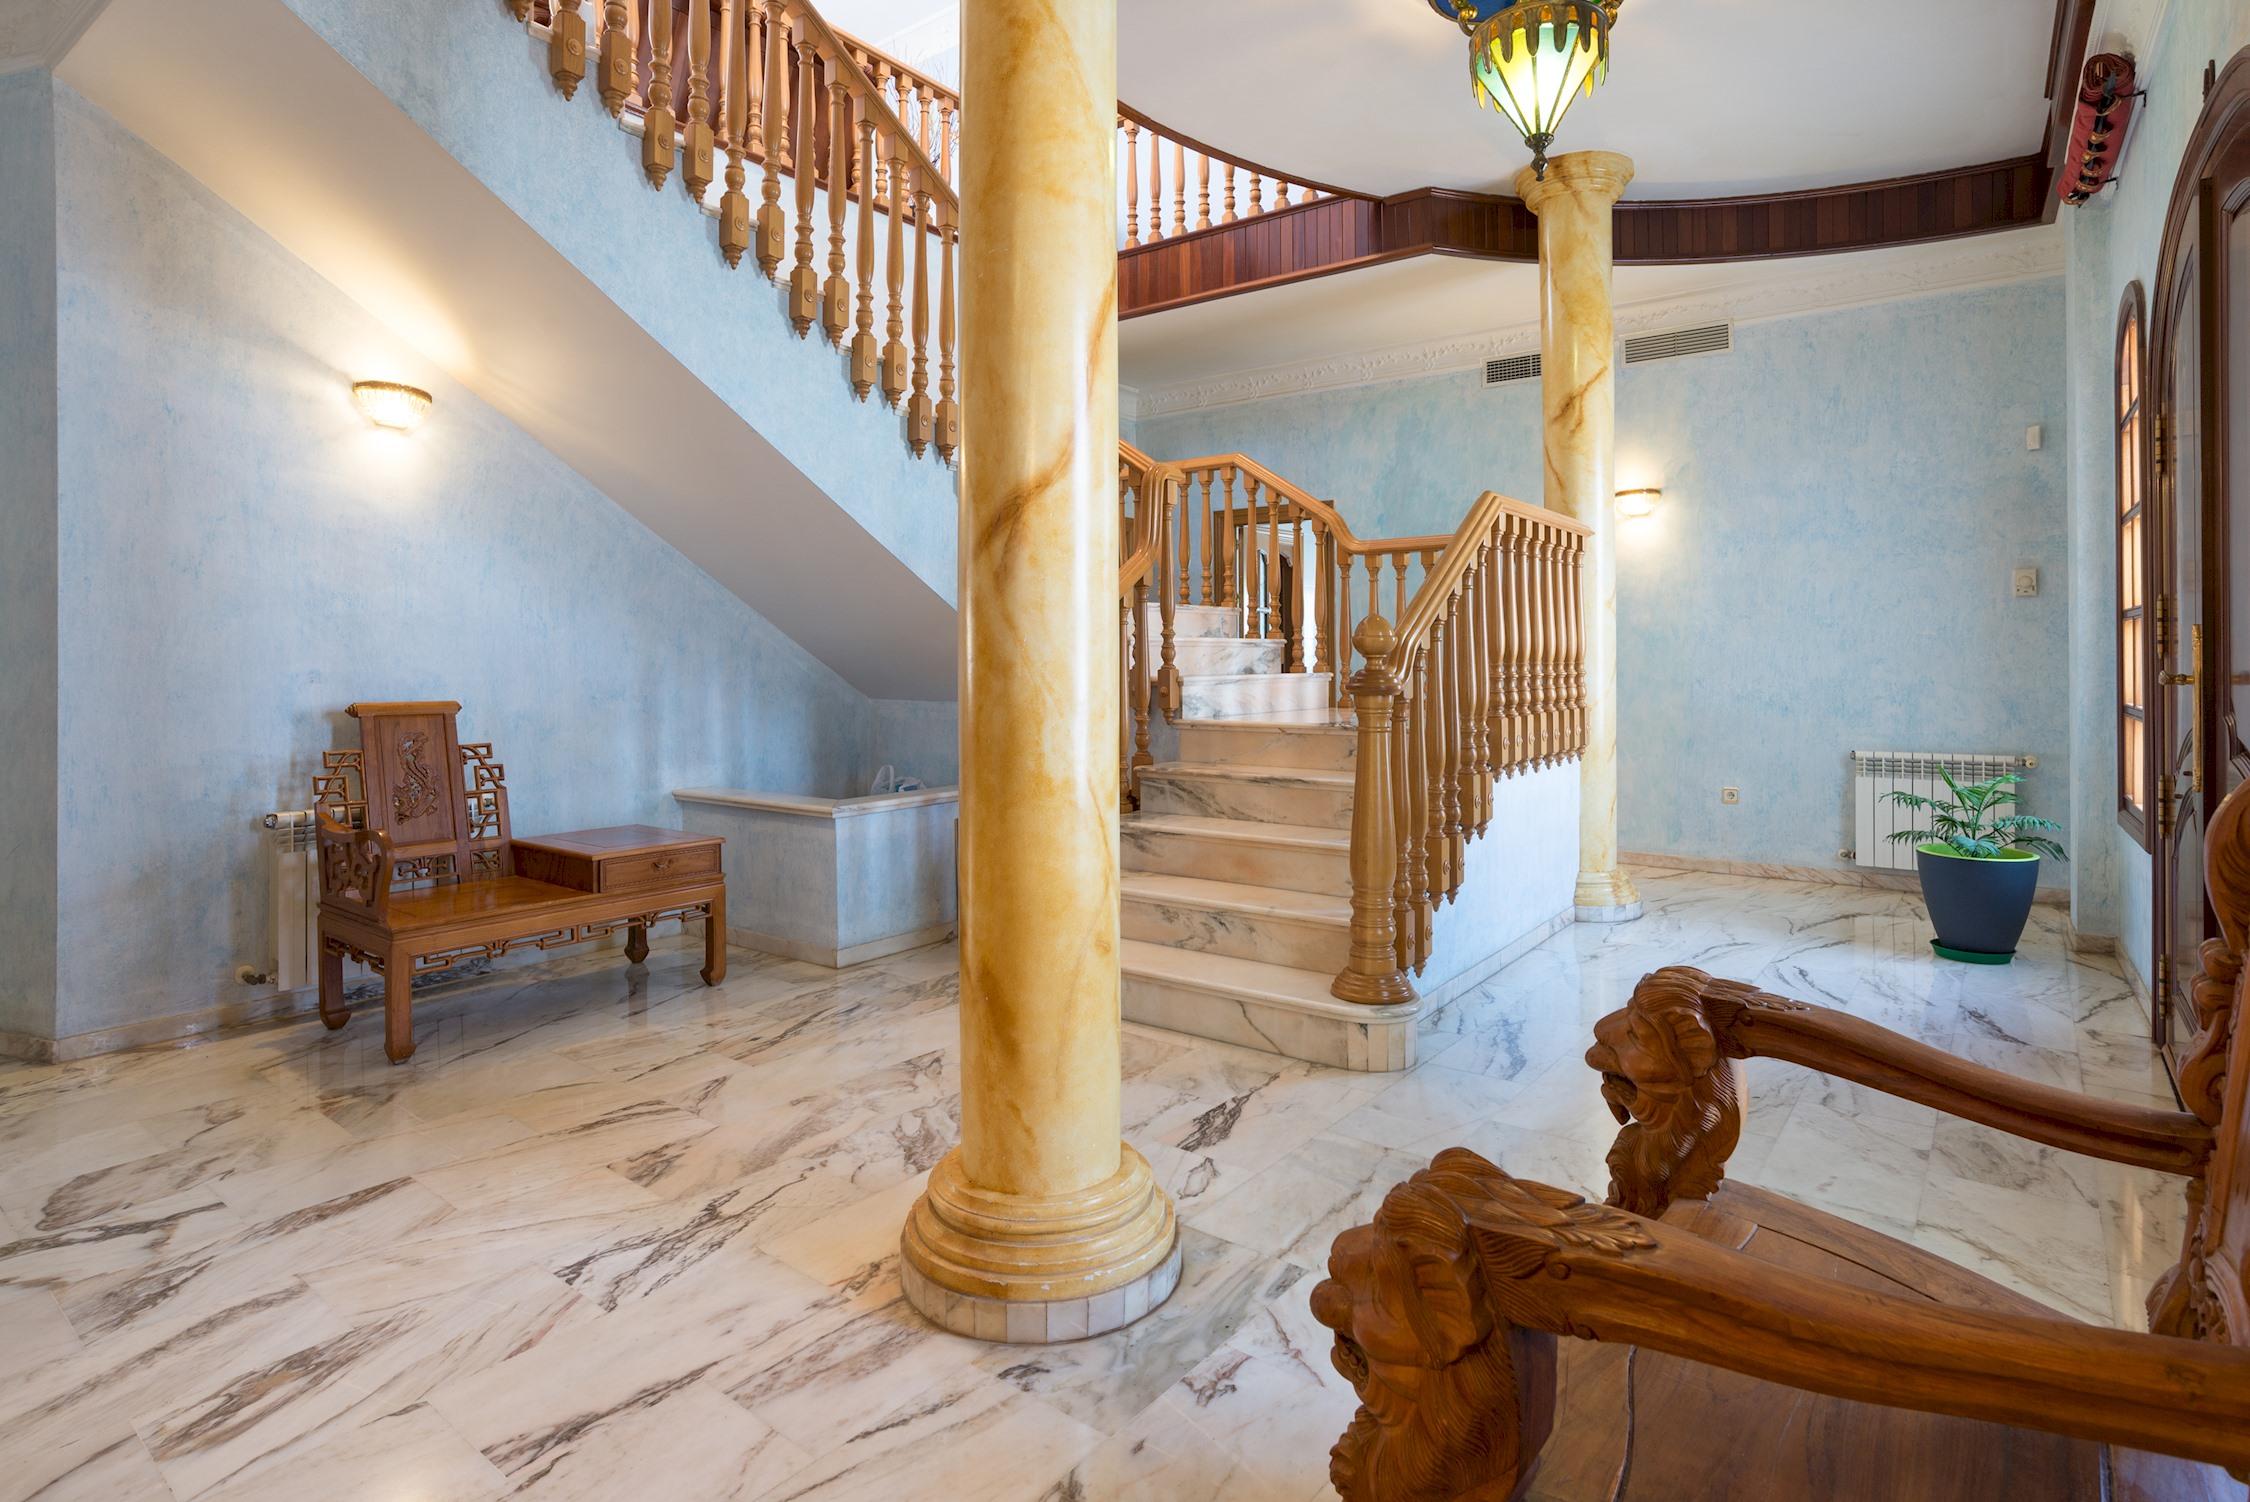 MalagaSuite Fancy House photo 20506826